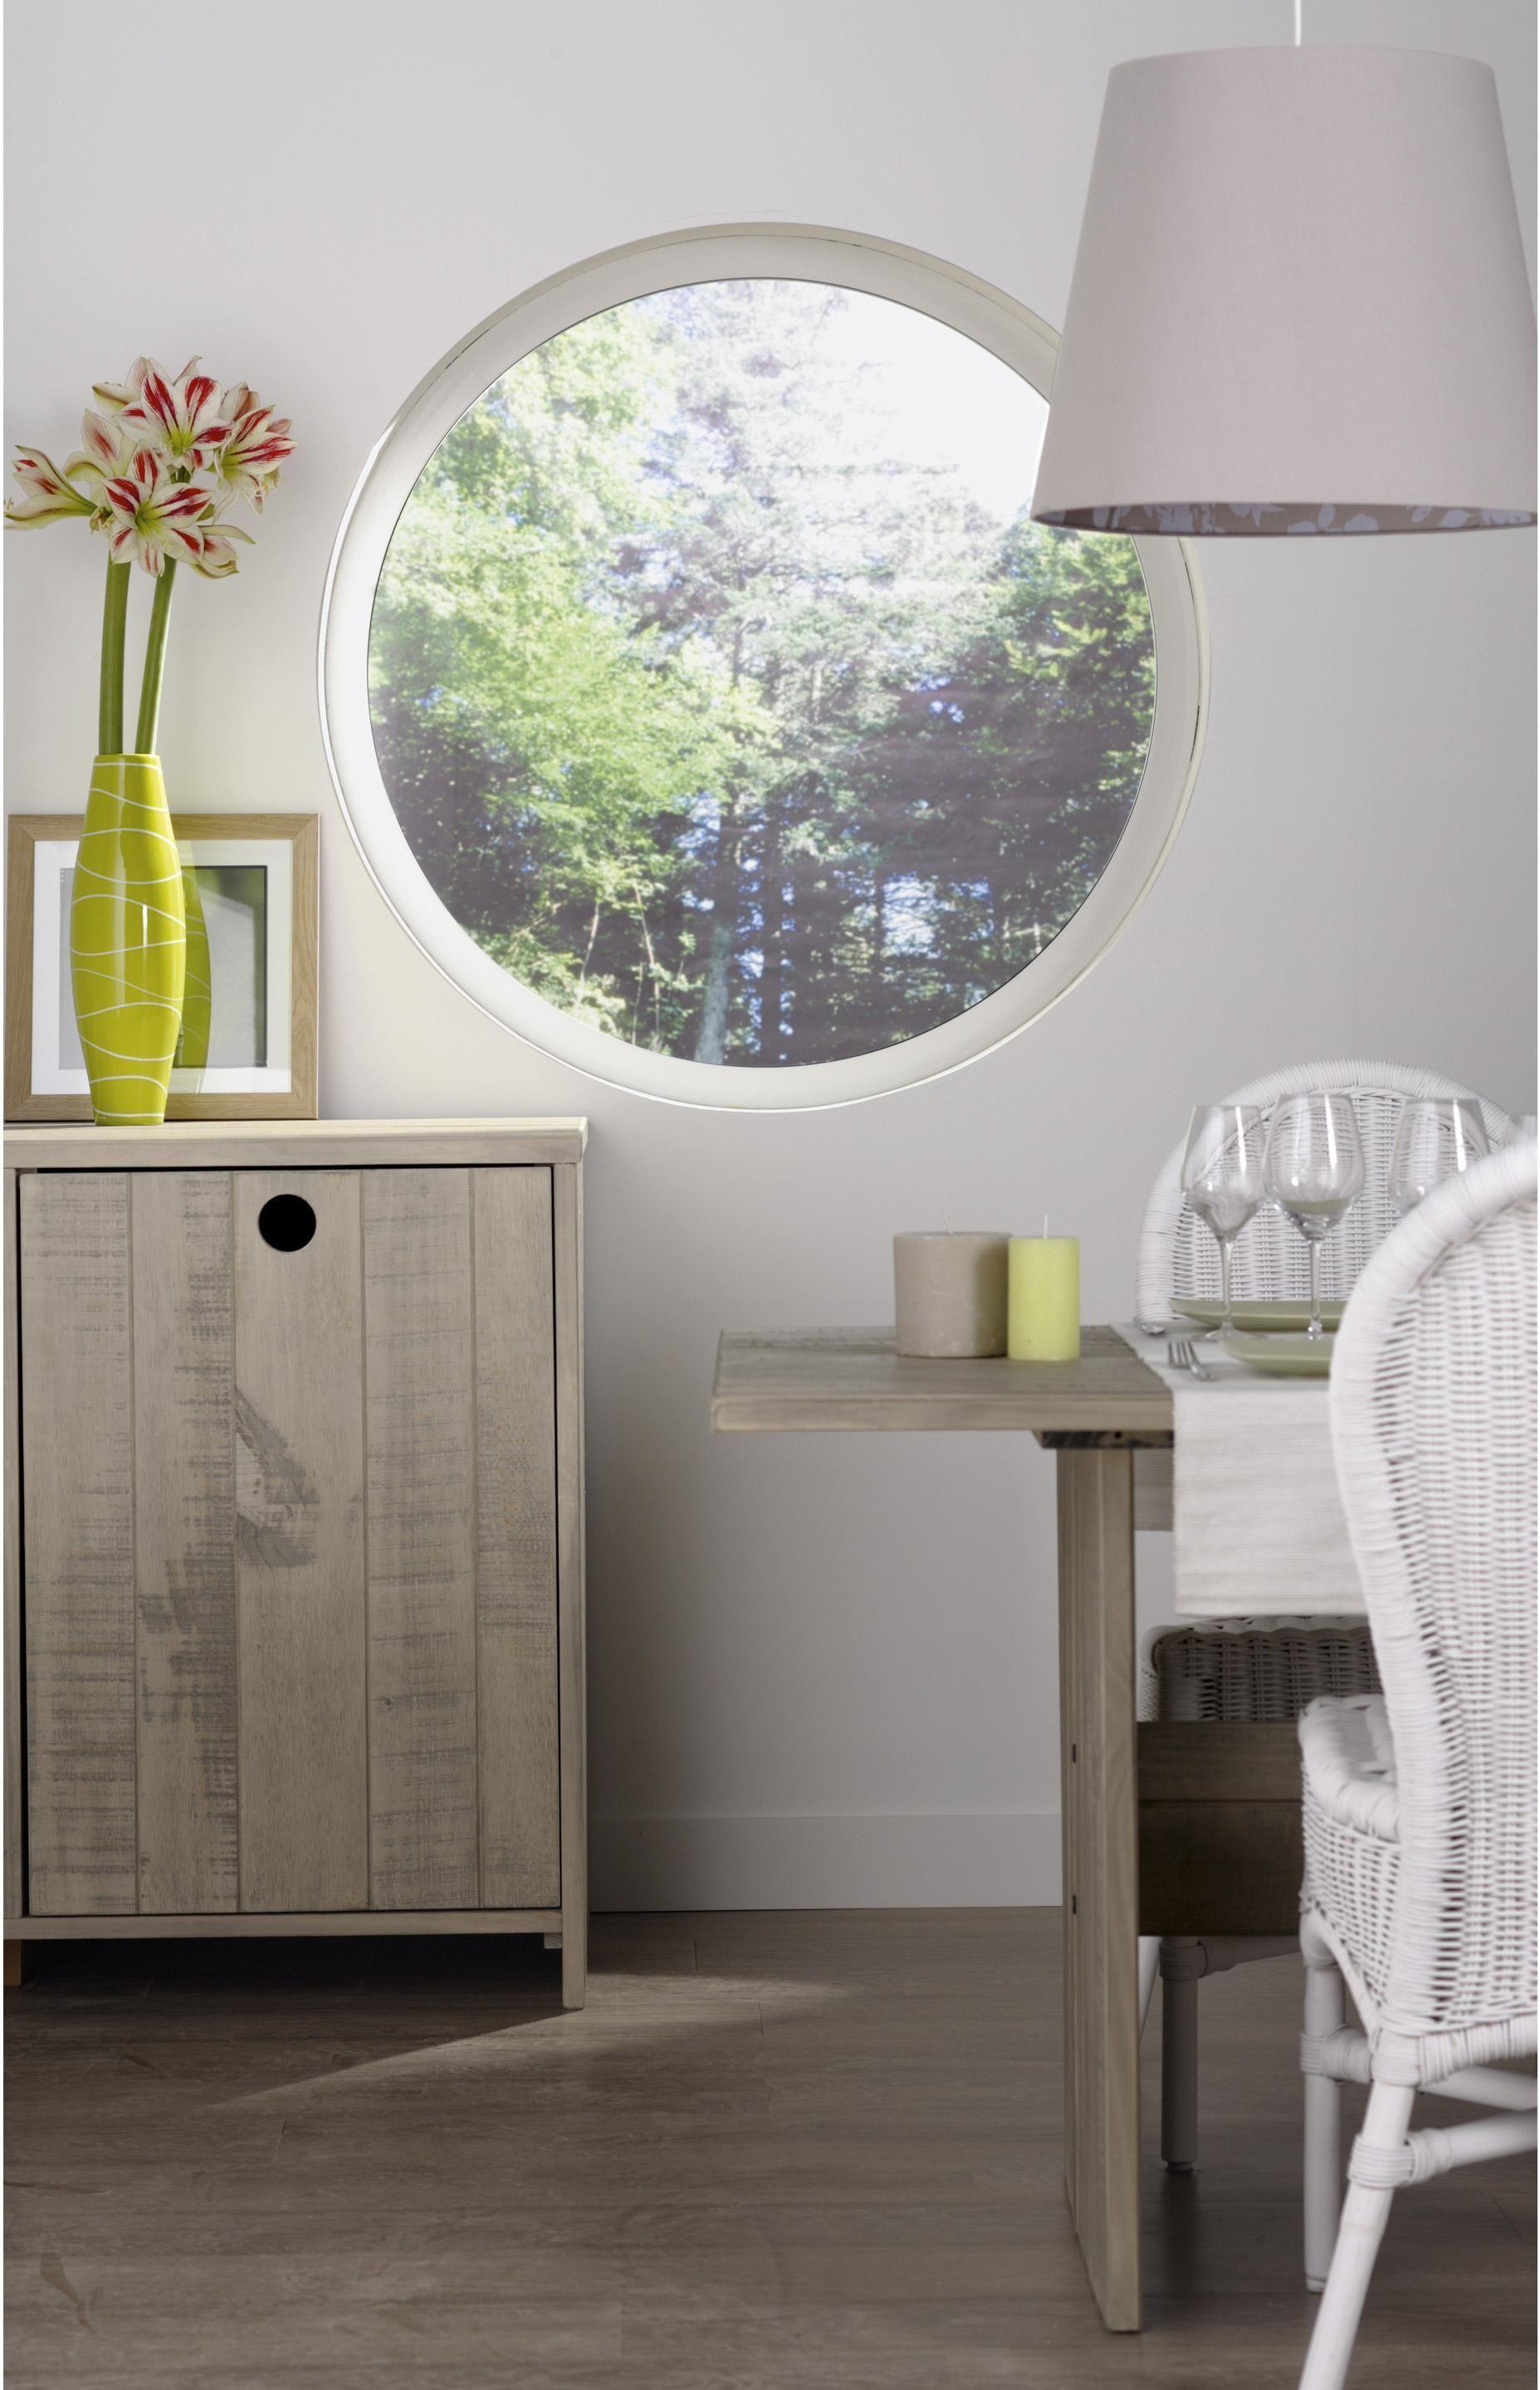 Fenetre Rond Aluminium H 120 X L 120 Cm Blanc 1 Vantail Fixe Sans Ouverture Home Decor Basement Decor Entryway Tables